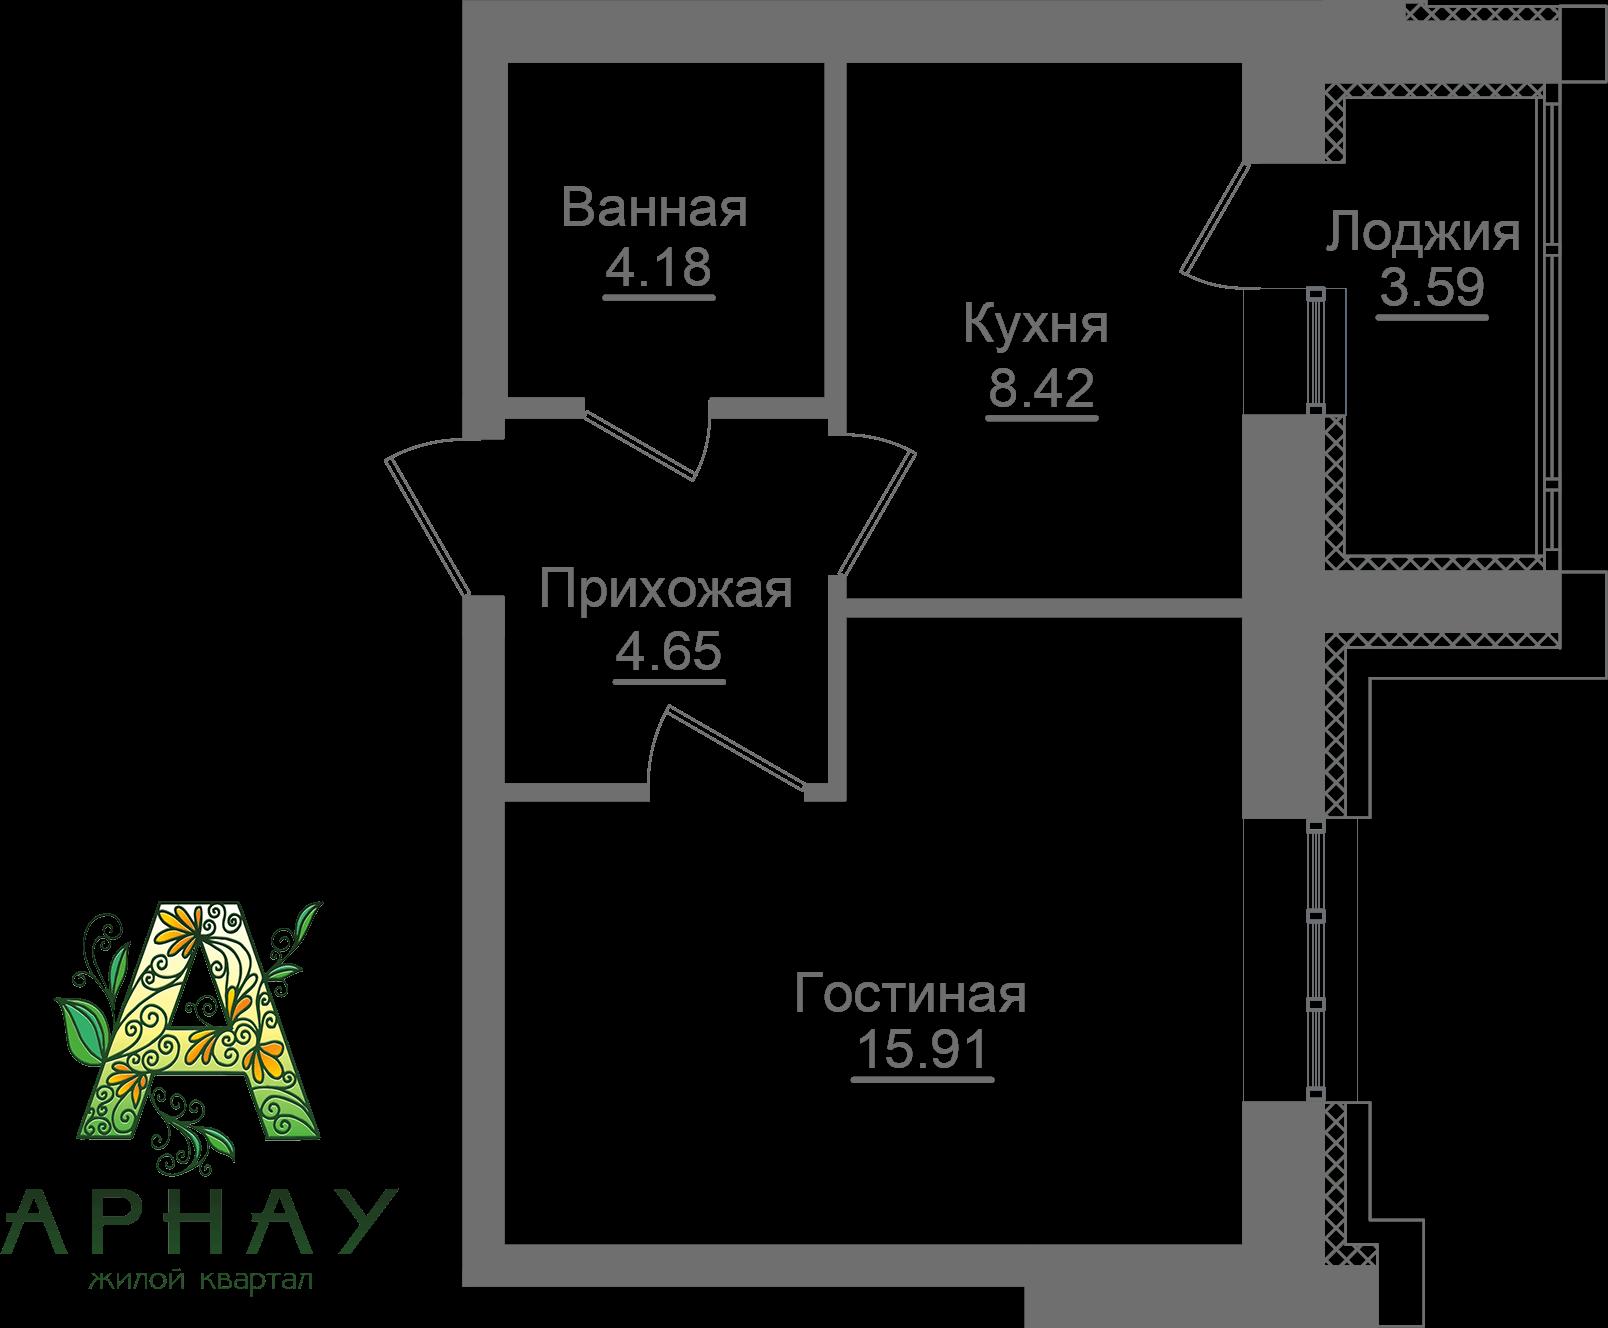 Квартира 64